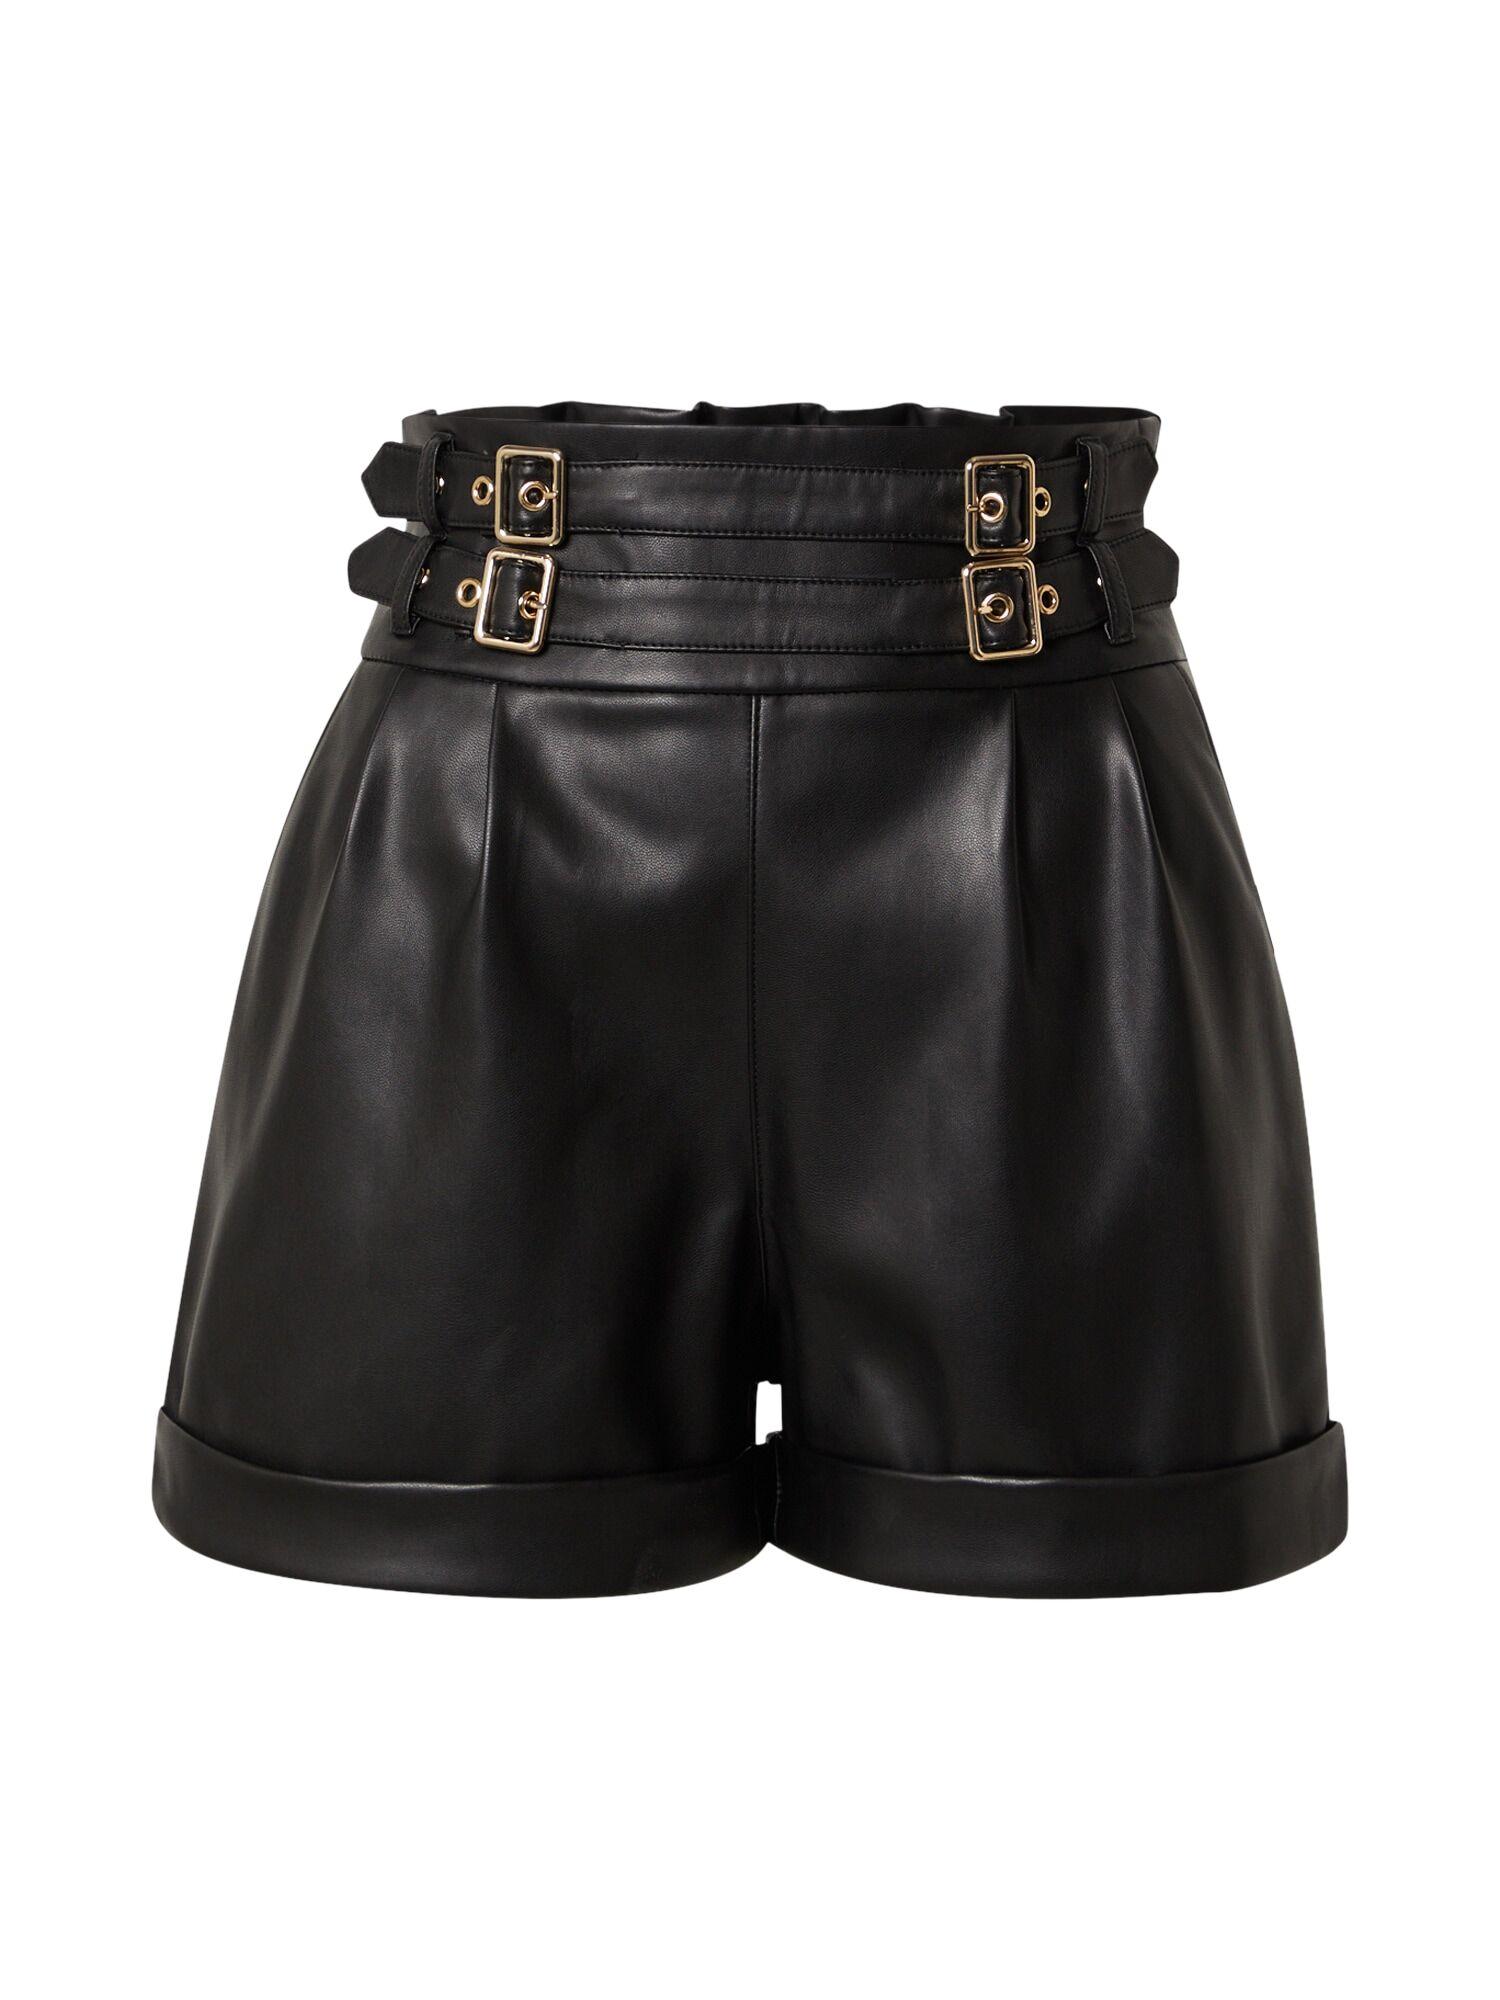 River Island Pantalon à pince  - Noir - Taille: 16 - female